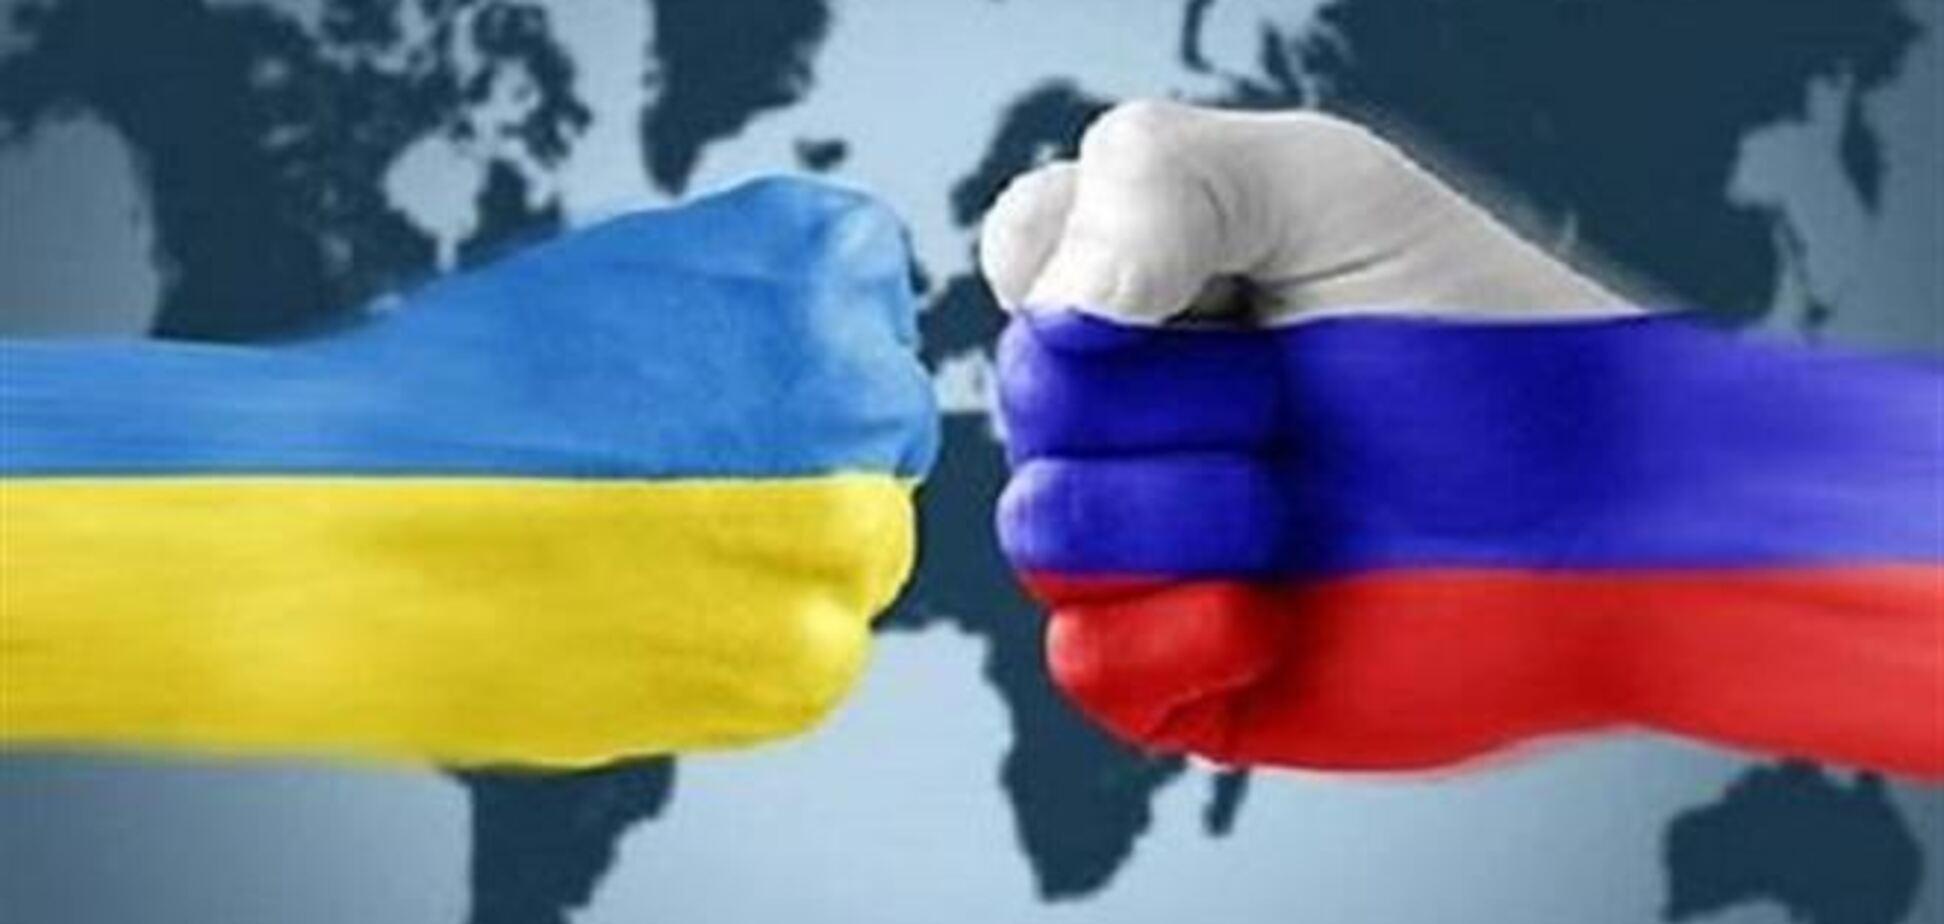 Дружбы больше нет. Украина может спасти Россию от развала, несмотря на ненависть Москвы